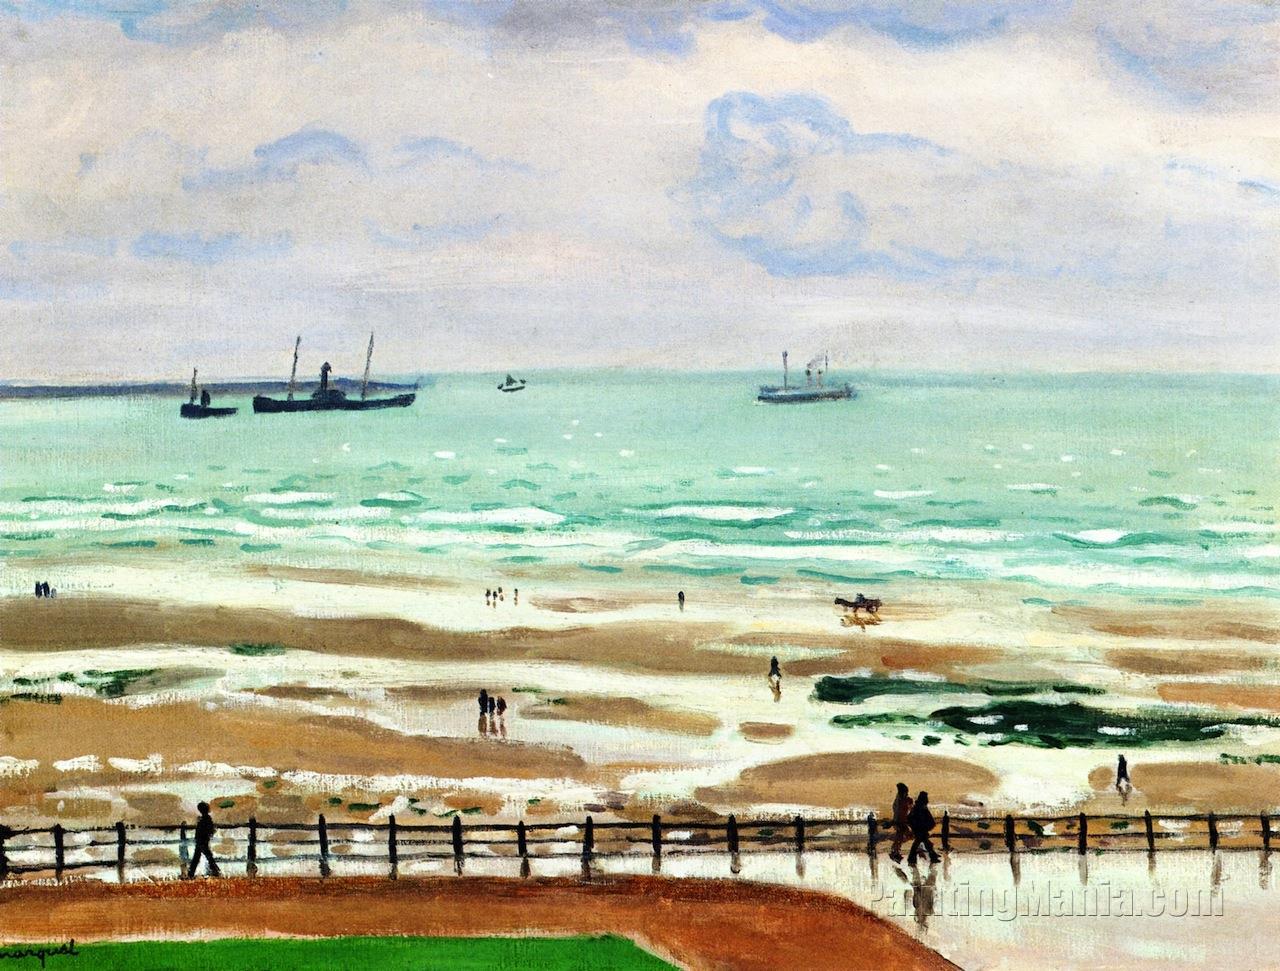 Image Bord De Mer la digne ste beuve a boulogne-sur-mer (au bord de la plage)